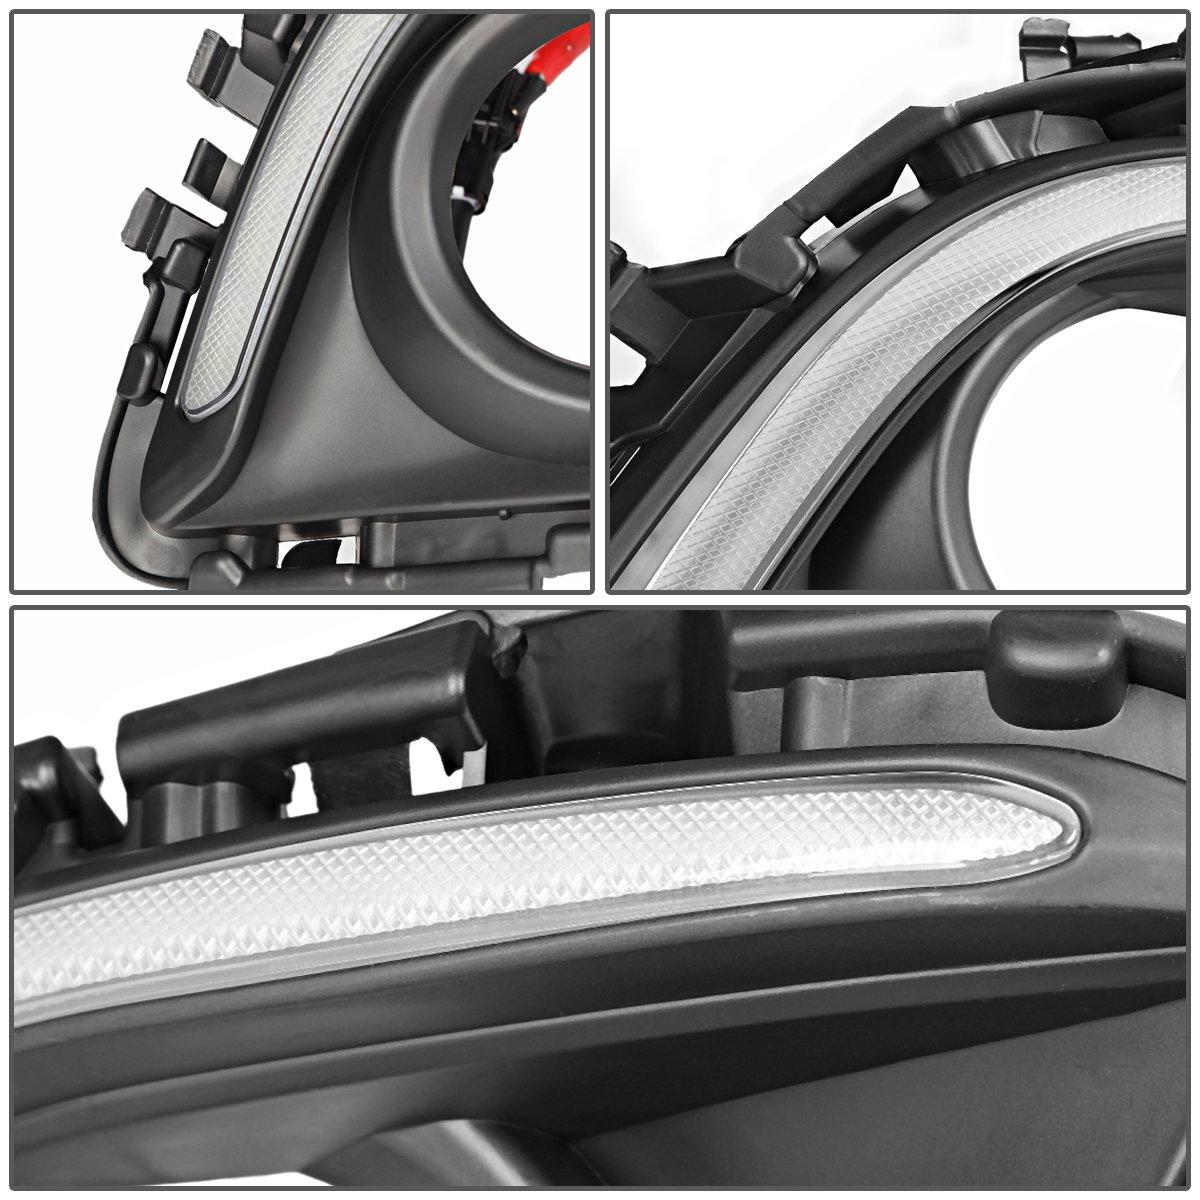 For 14-16 Mazda 6 DNA Motoring FL-ZTL-228-CH Chrome Trim Fog Light Bezel Cover